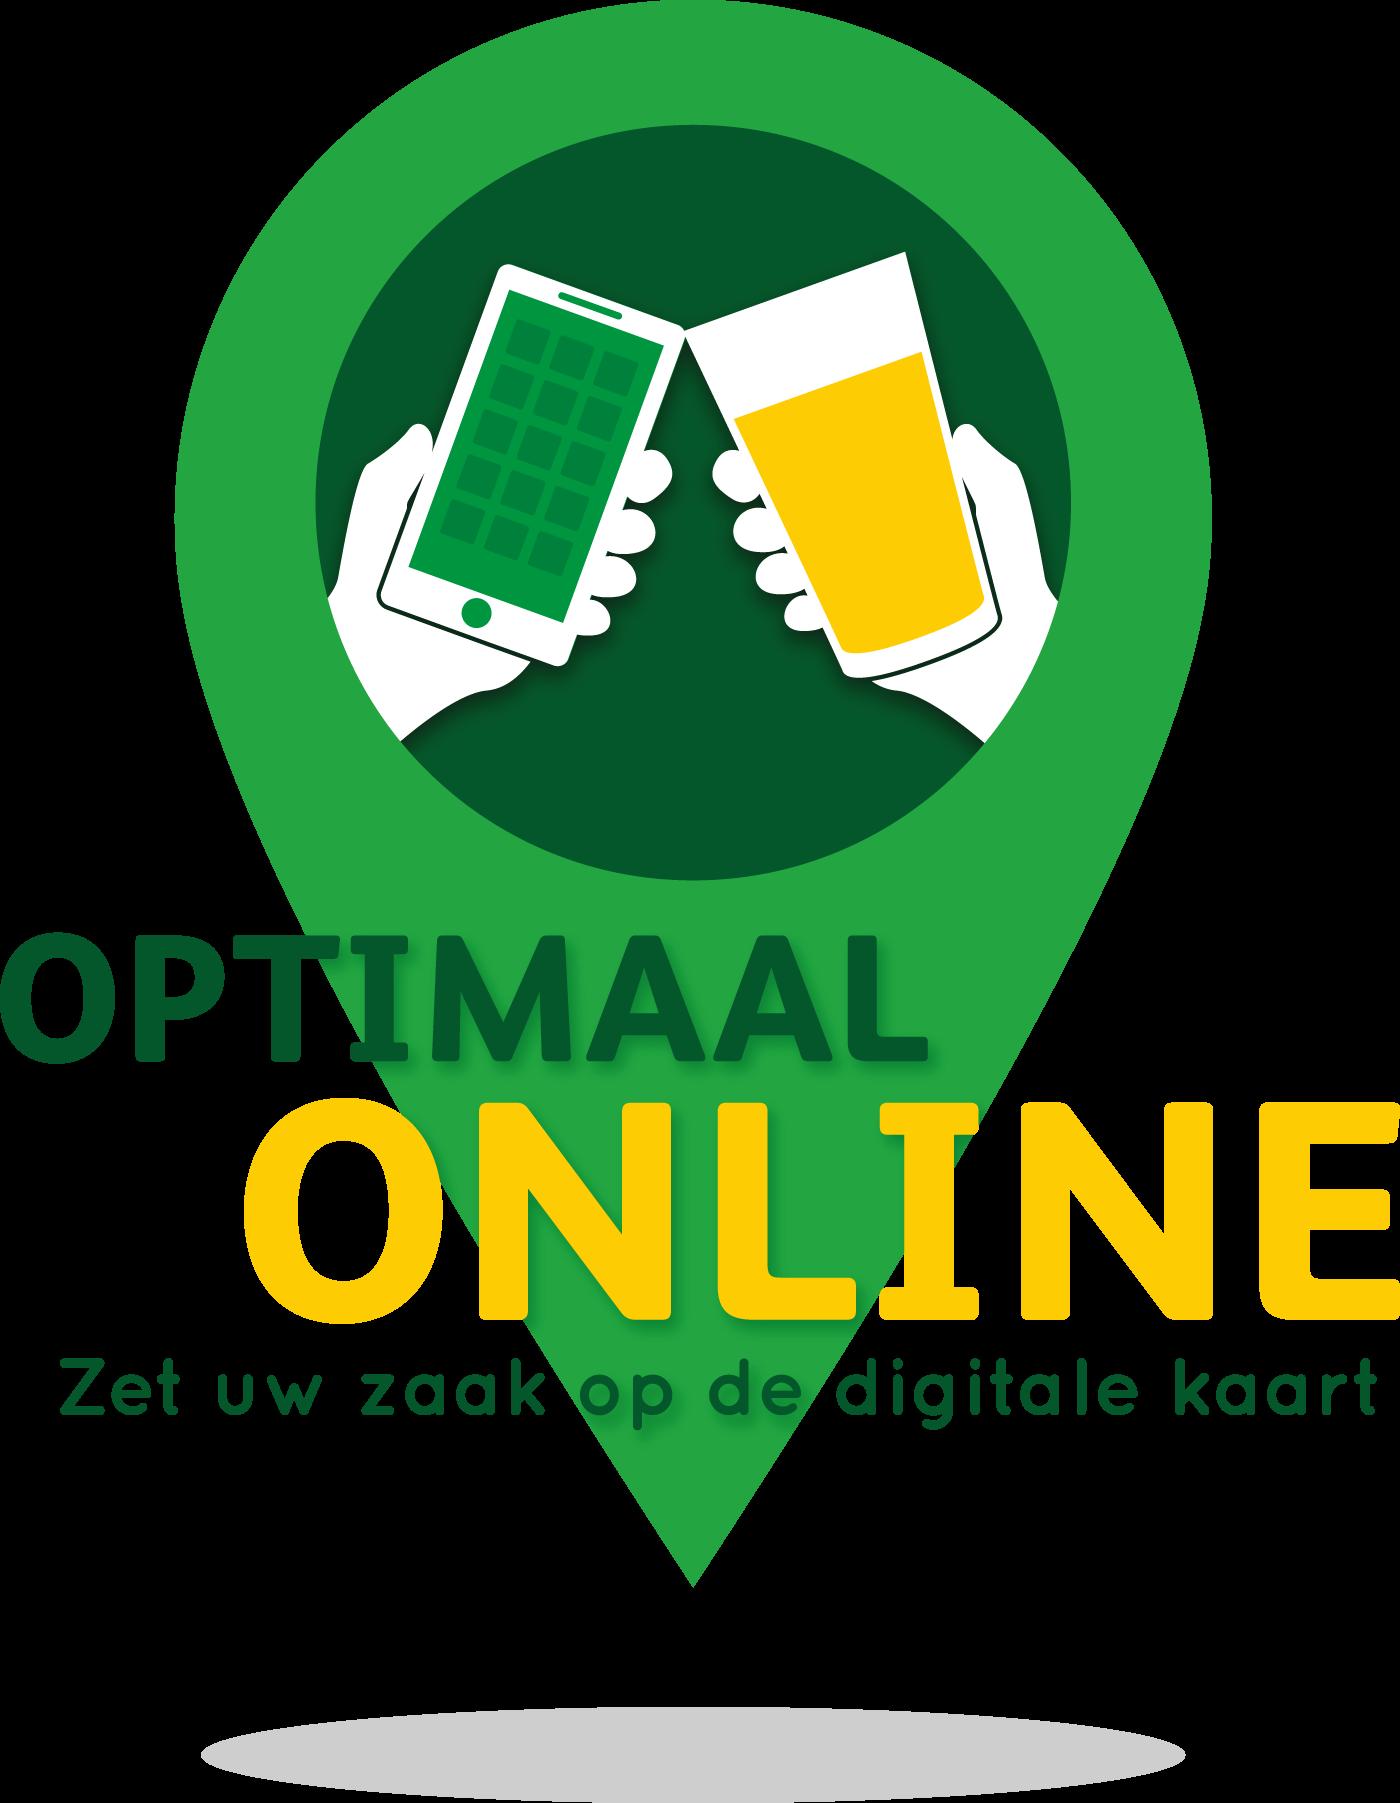 Optimaal-online-logo2.png